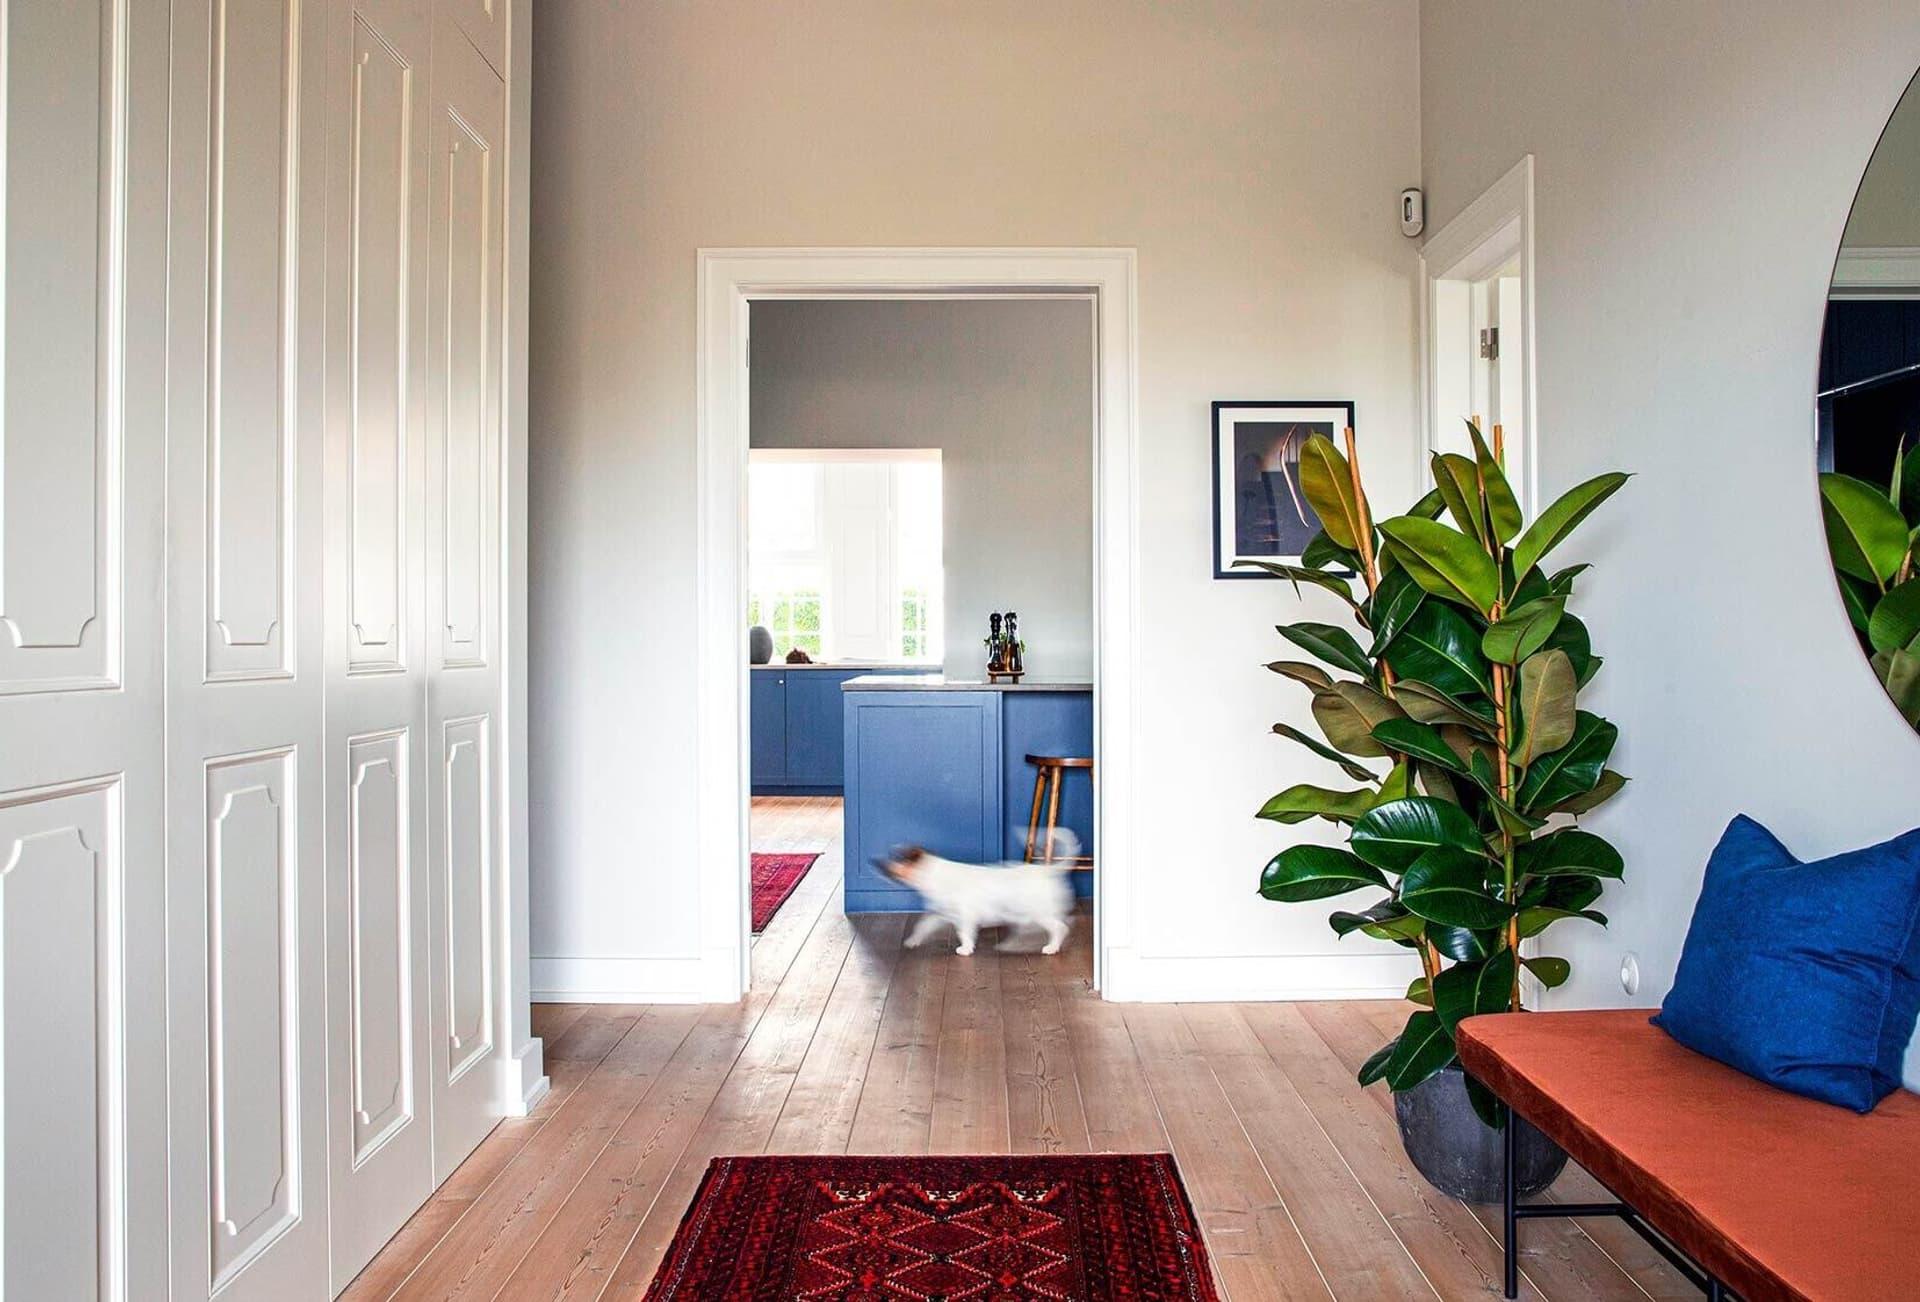 Blick in eine Wohnung; Hund läuft durchs Bild